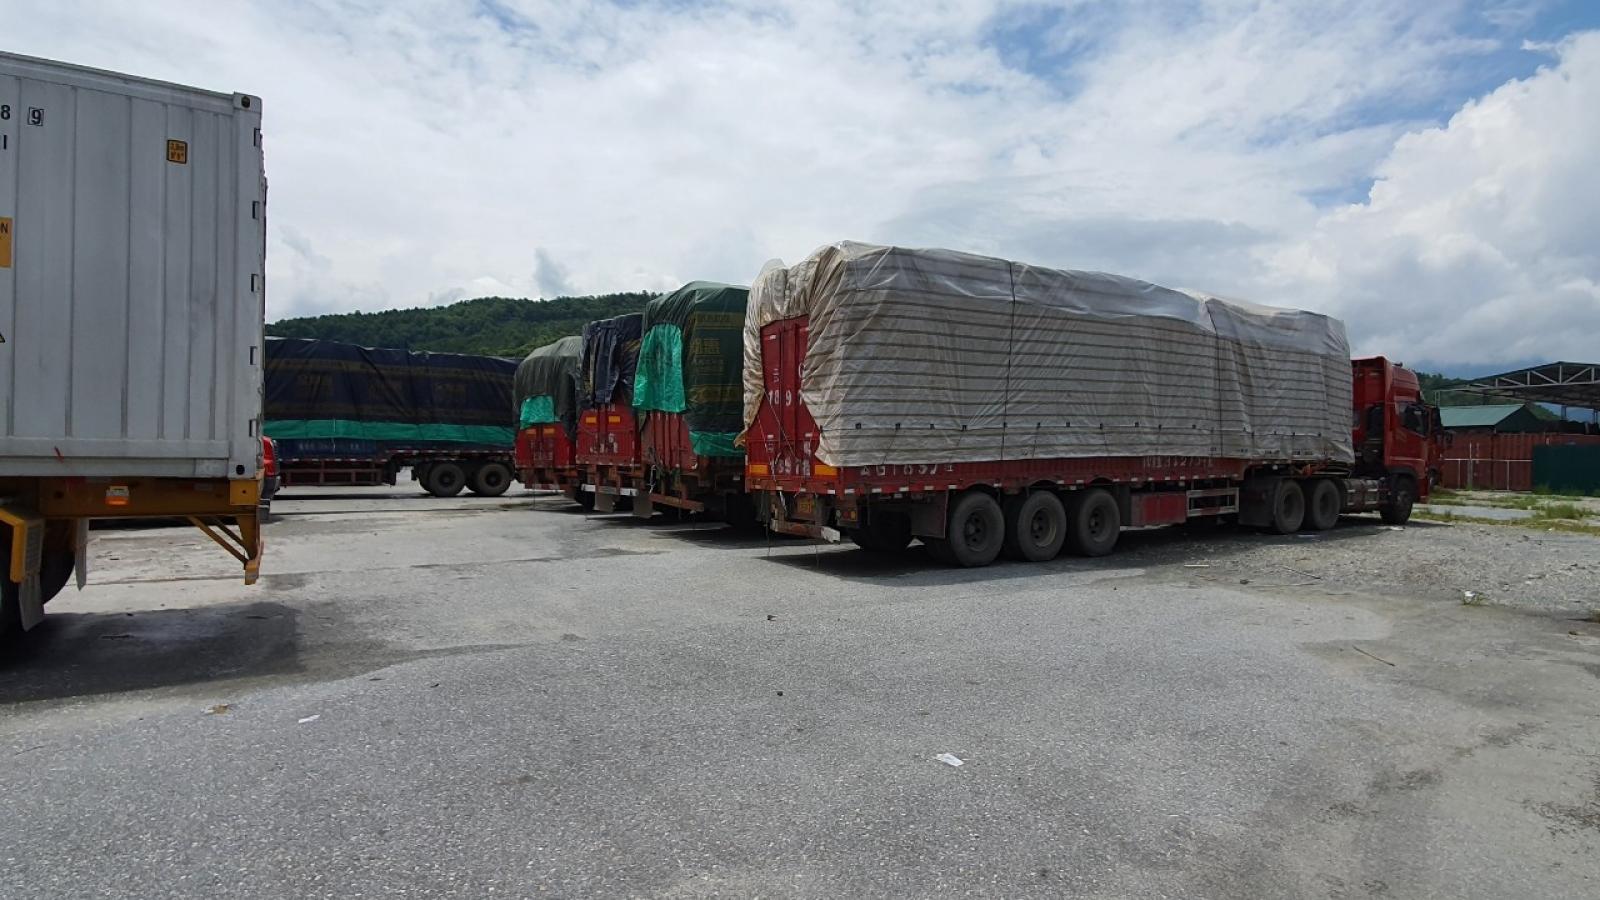 Hơn 100 xe hàng chưa có người nhận tại cửa khẩu Kim Thành, Lào Cai